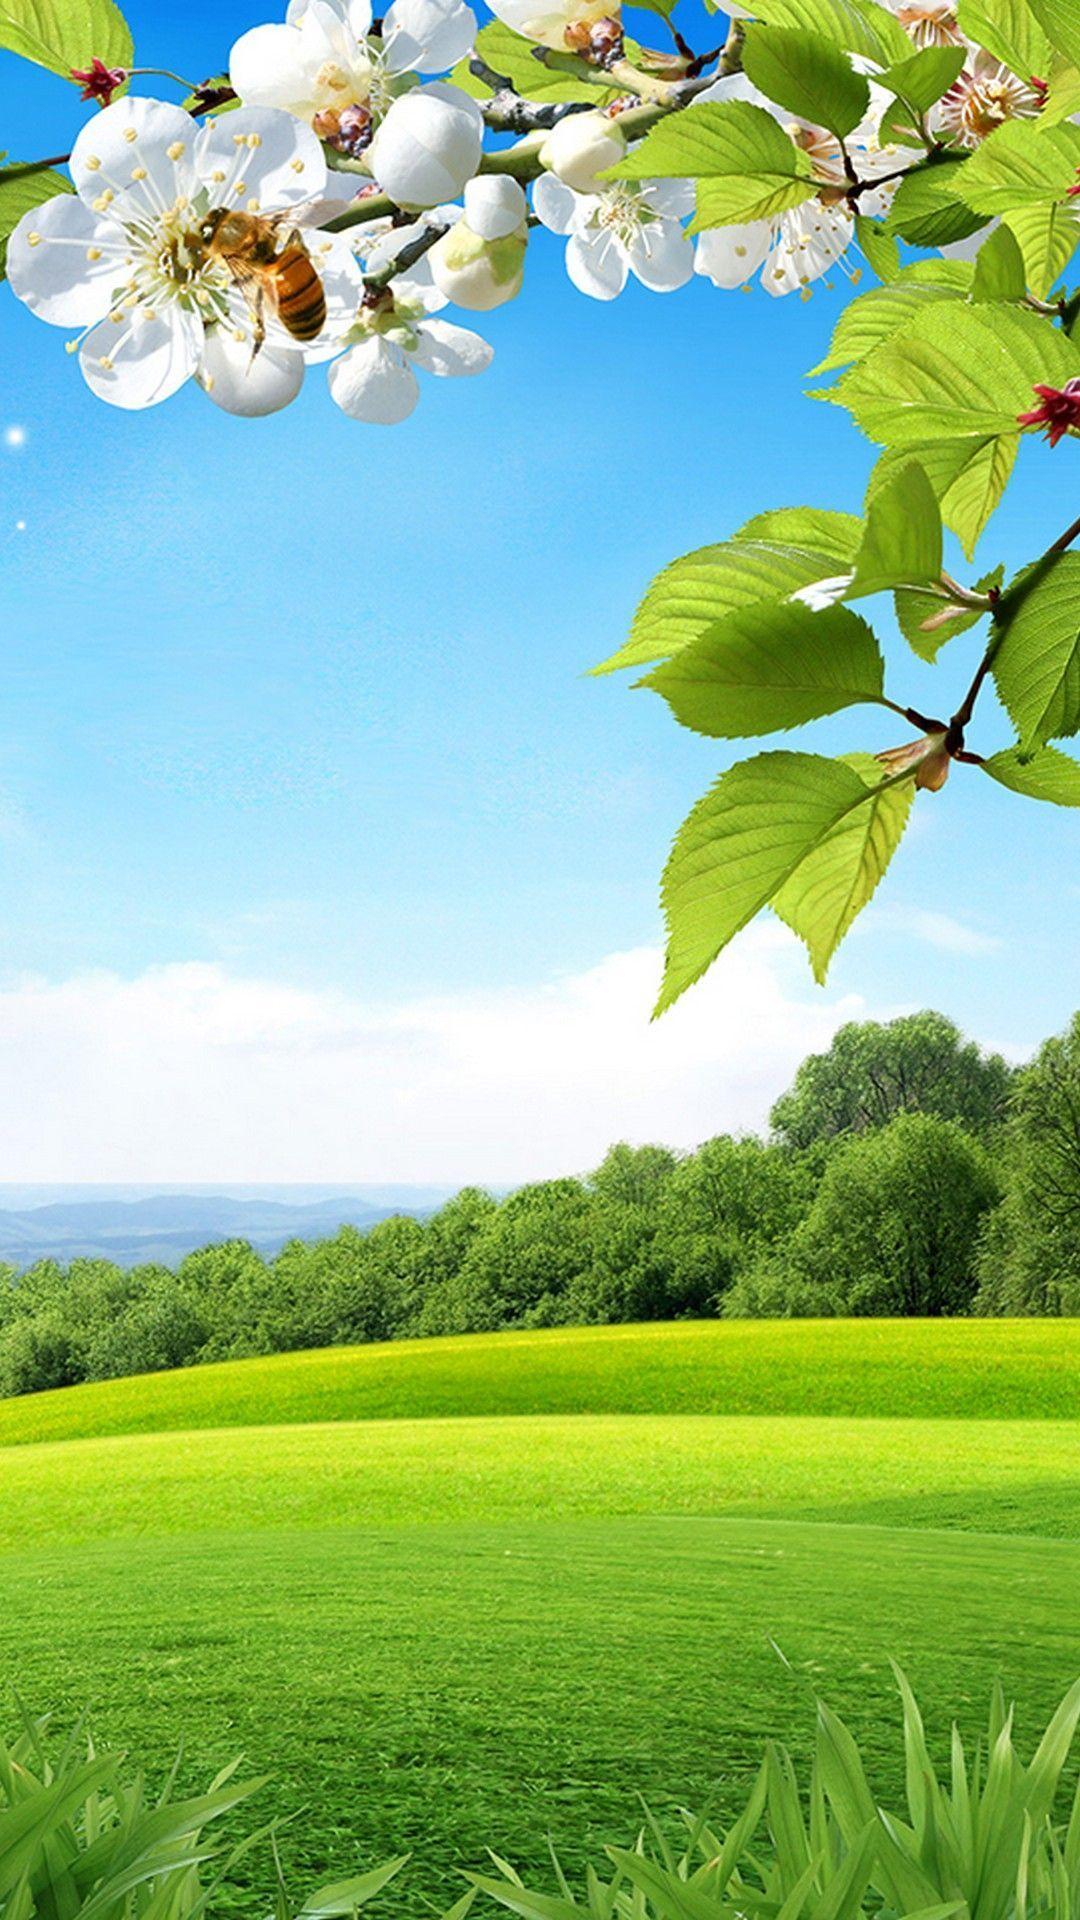 春の野原 風景の壁紙 Iphone 壁紙 水彩風景